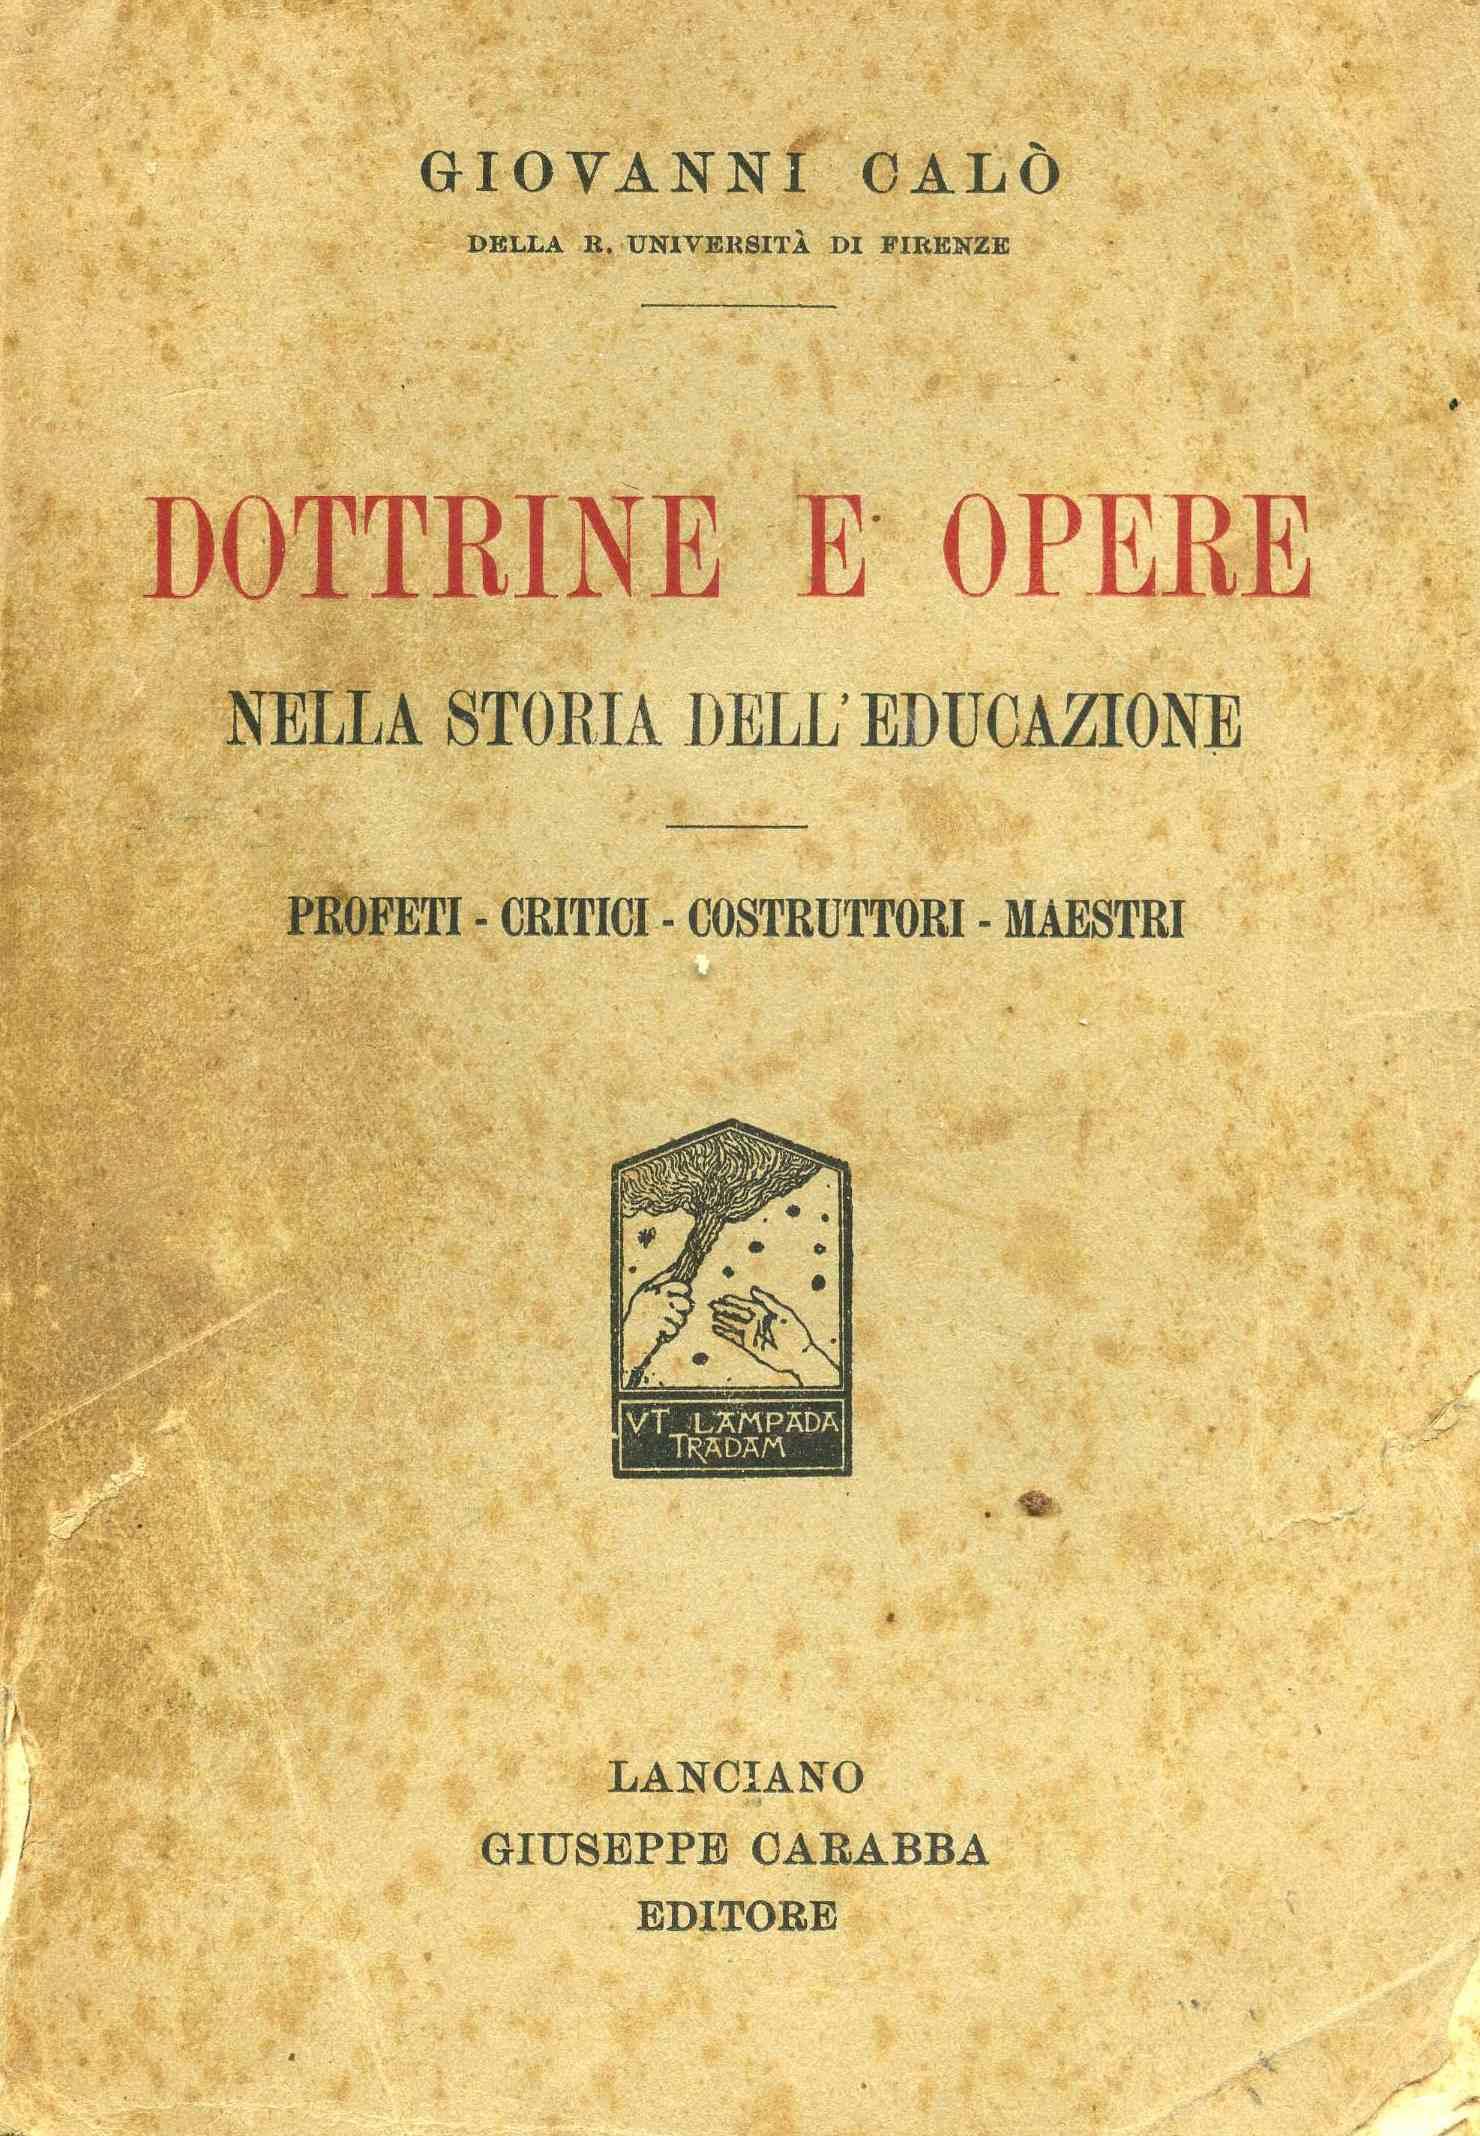 Dottrine e opere nella storia dell'educazione